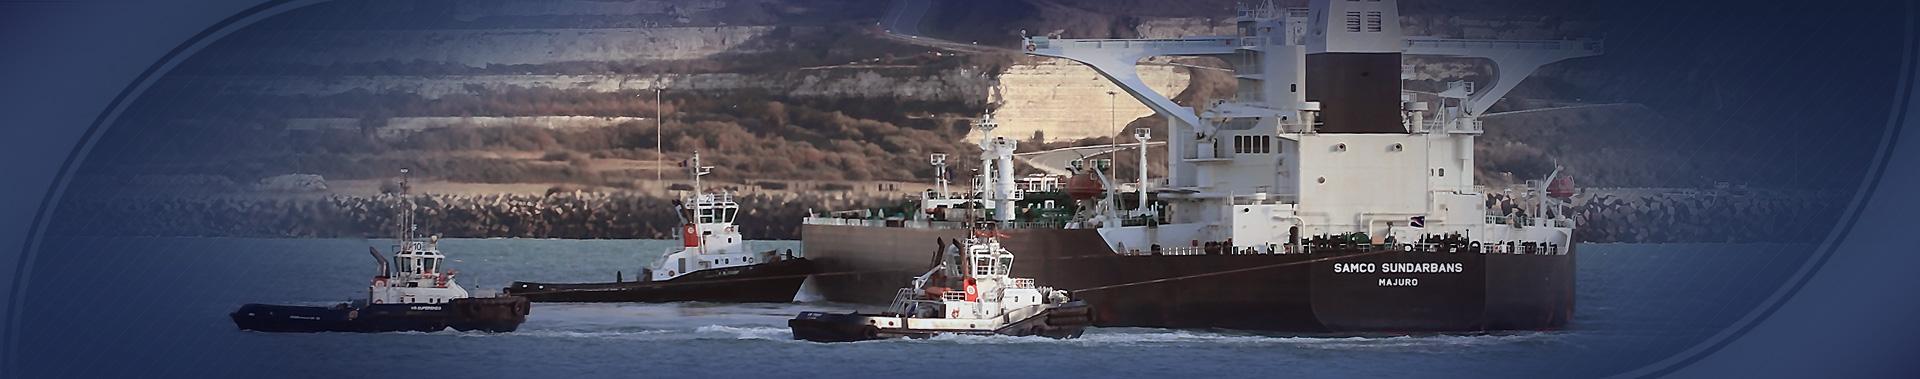 bg-slider2-offshore